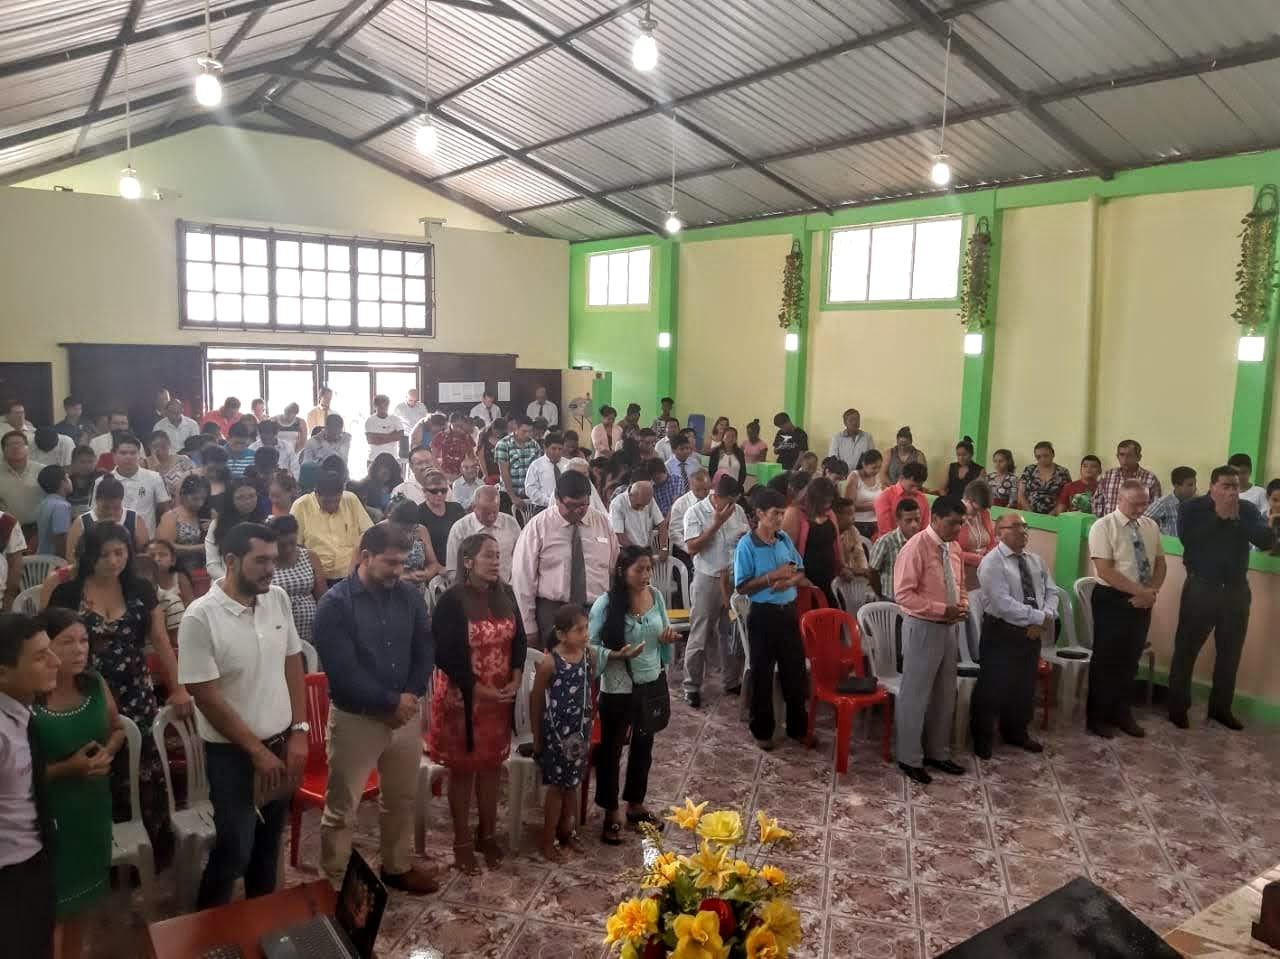 Segnungsgottesdienst in der Baptisten Gemeinde kann beginnen...